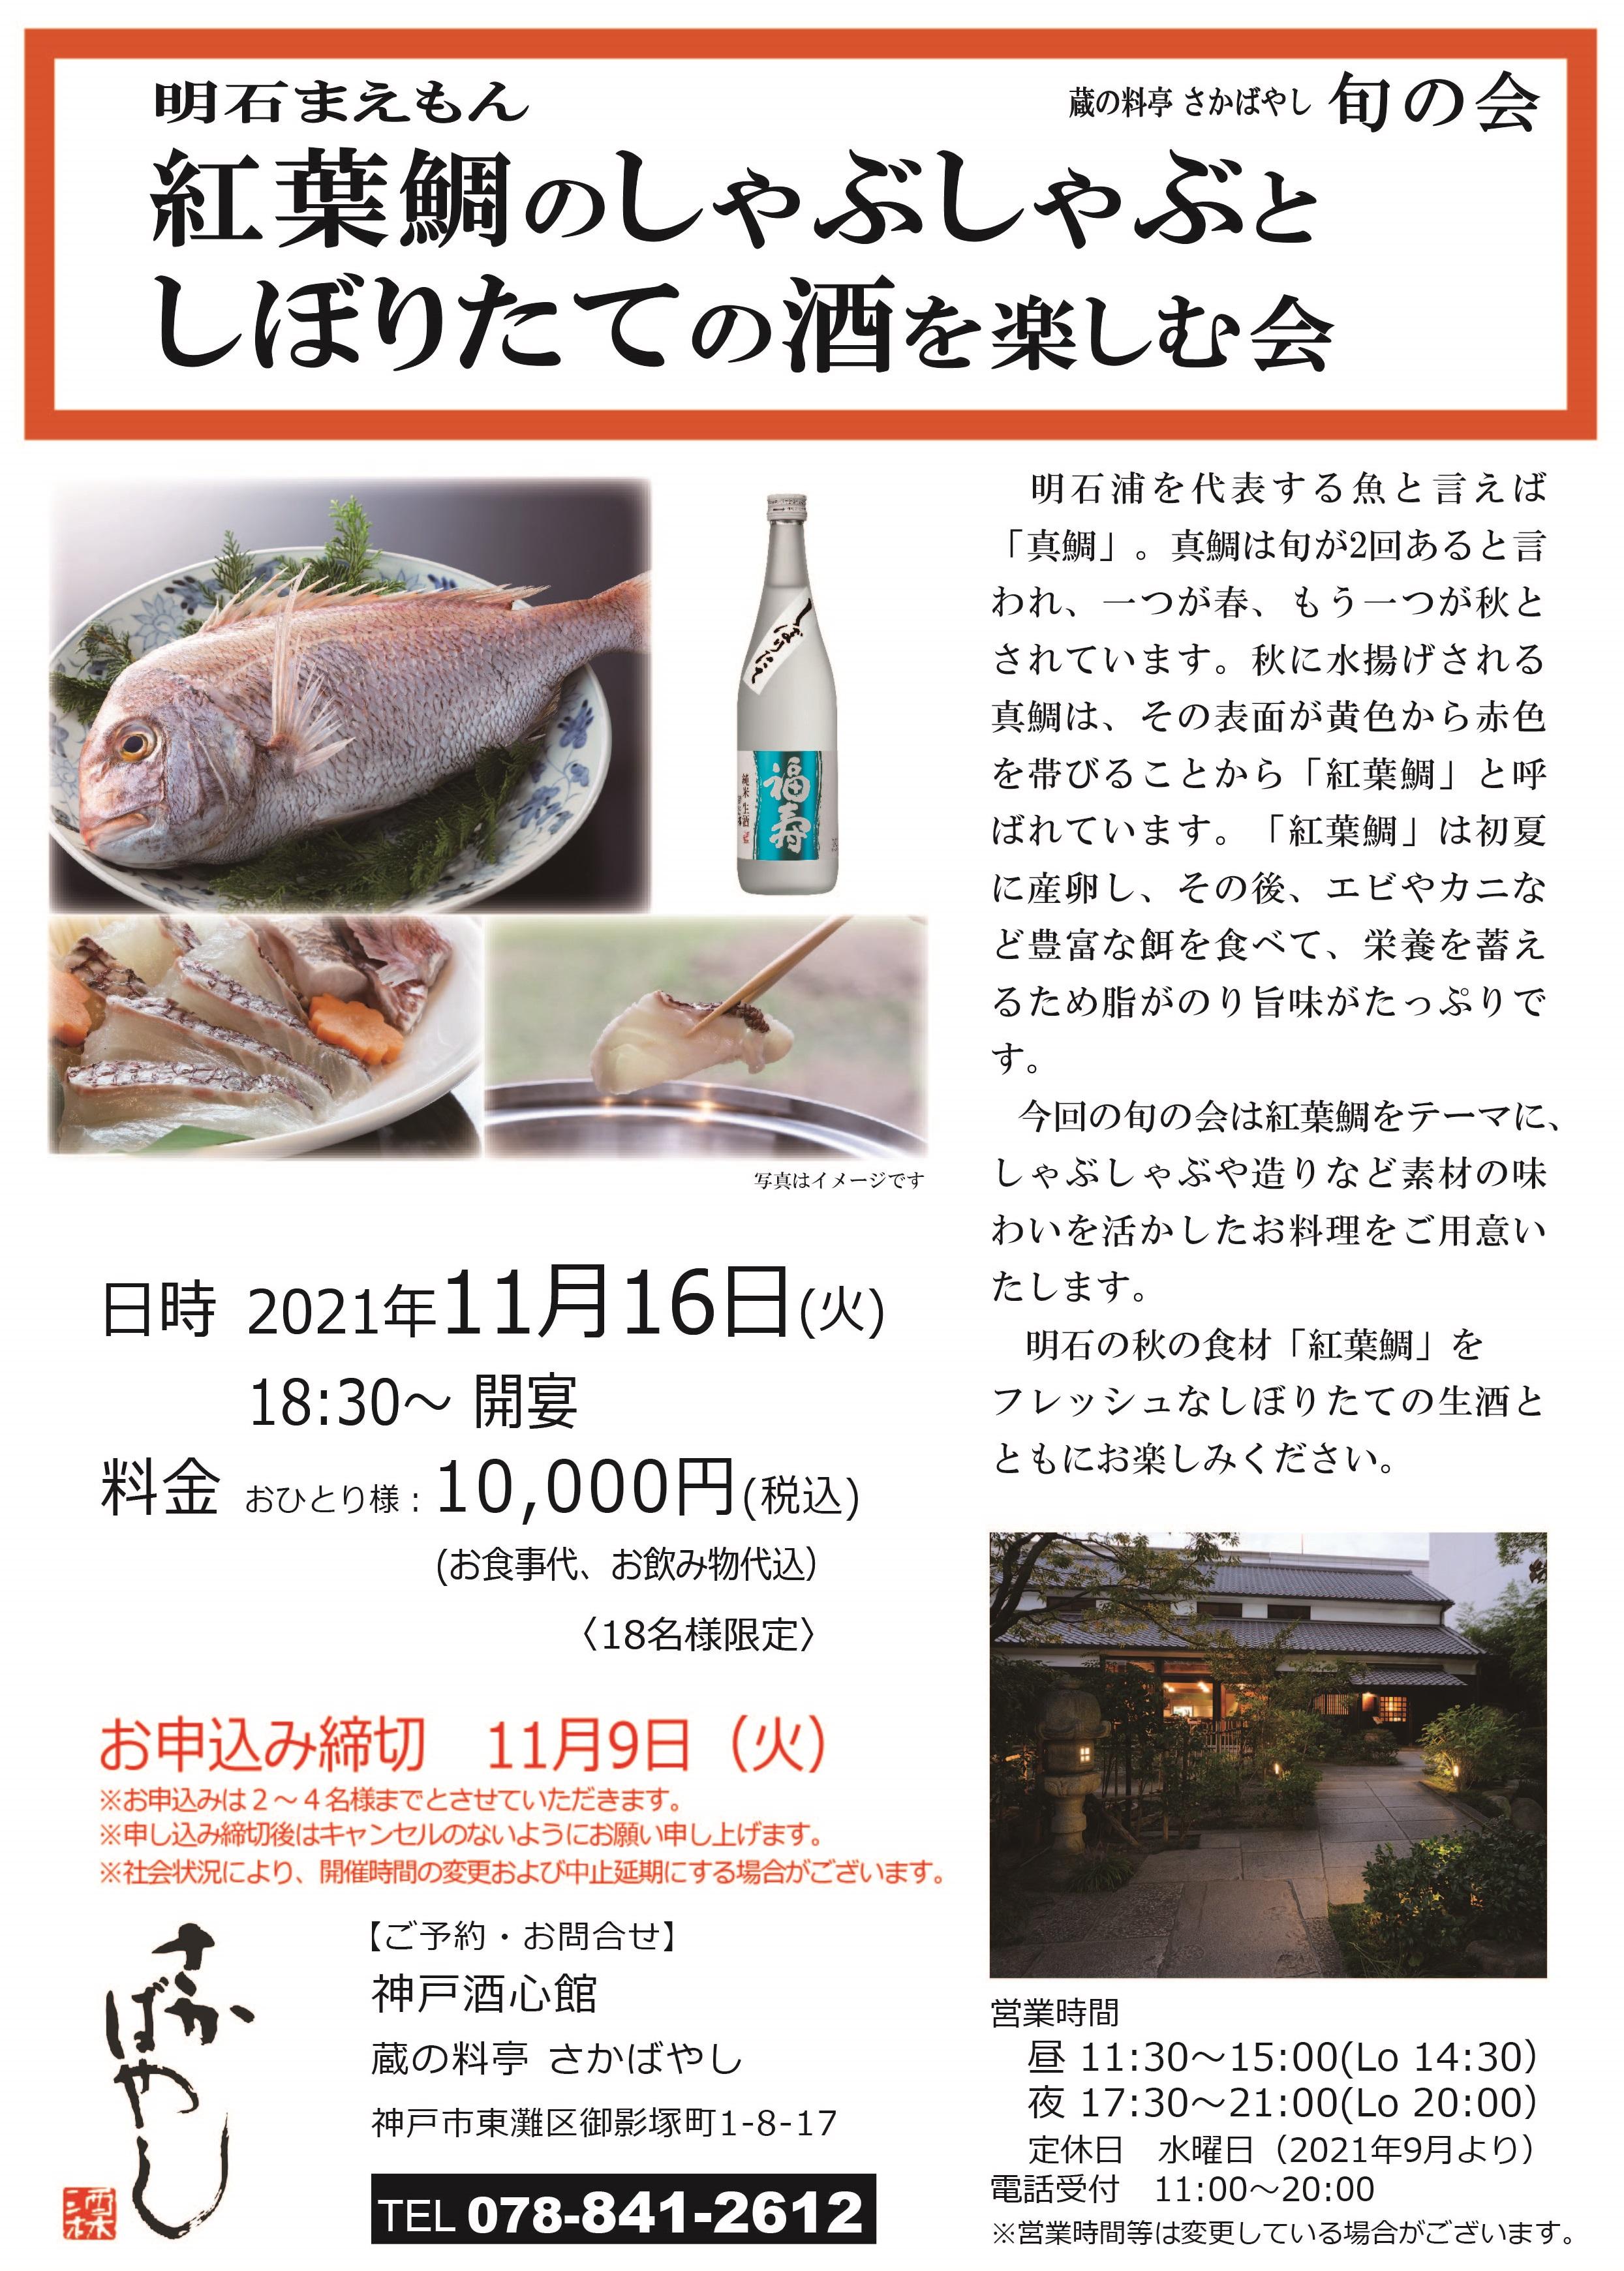 (2021.11.16)紅葉鯛のしゃぶしゃぶとしぼりたての酒を楽しむ会